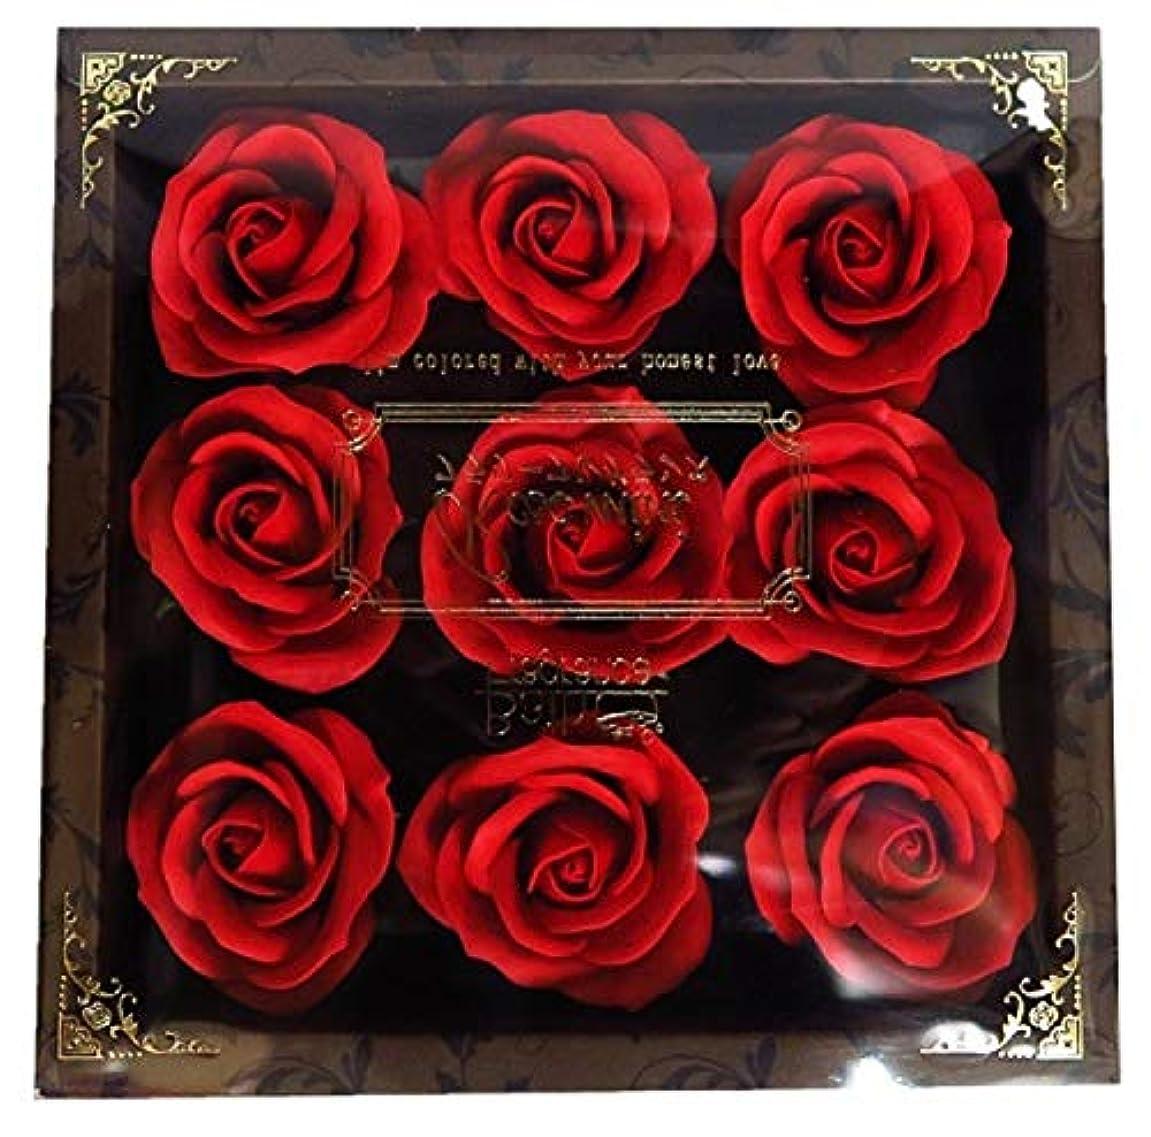 ジレンマ素敵な弱いバスフレグランス フラワーフレグランス ミニローズフレグランス(L)レッド ギフト お花の形の入浴剤 プレゼント ばら